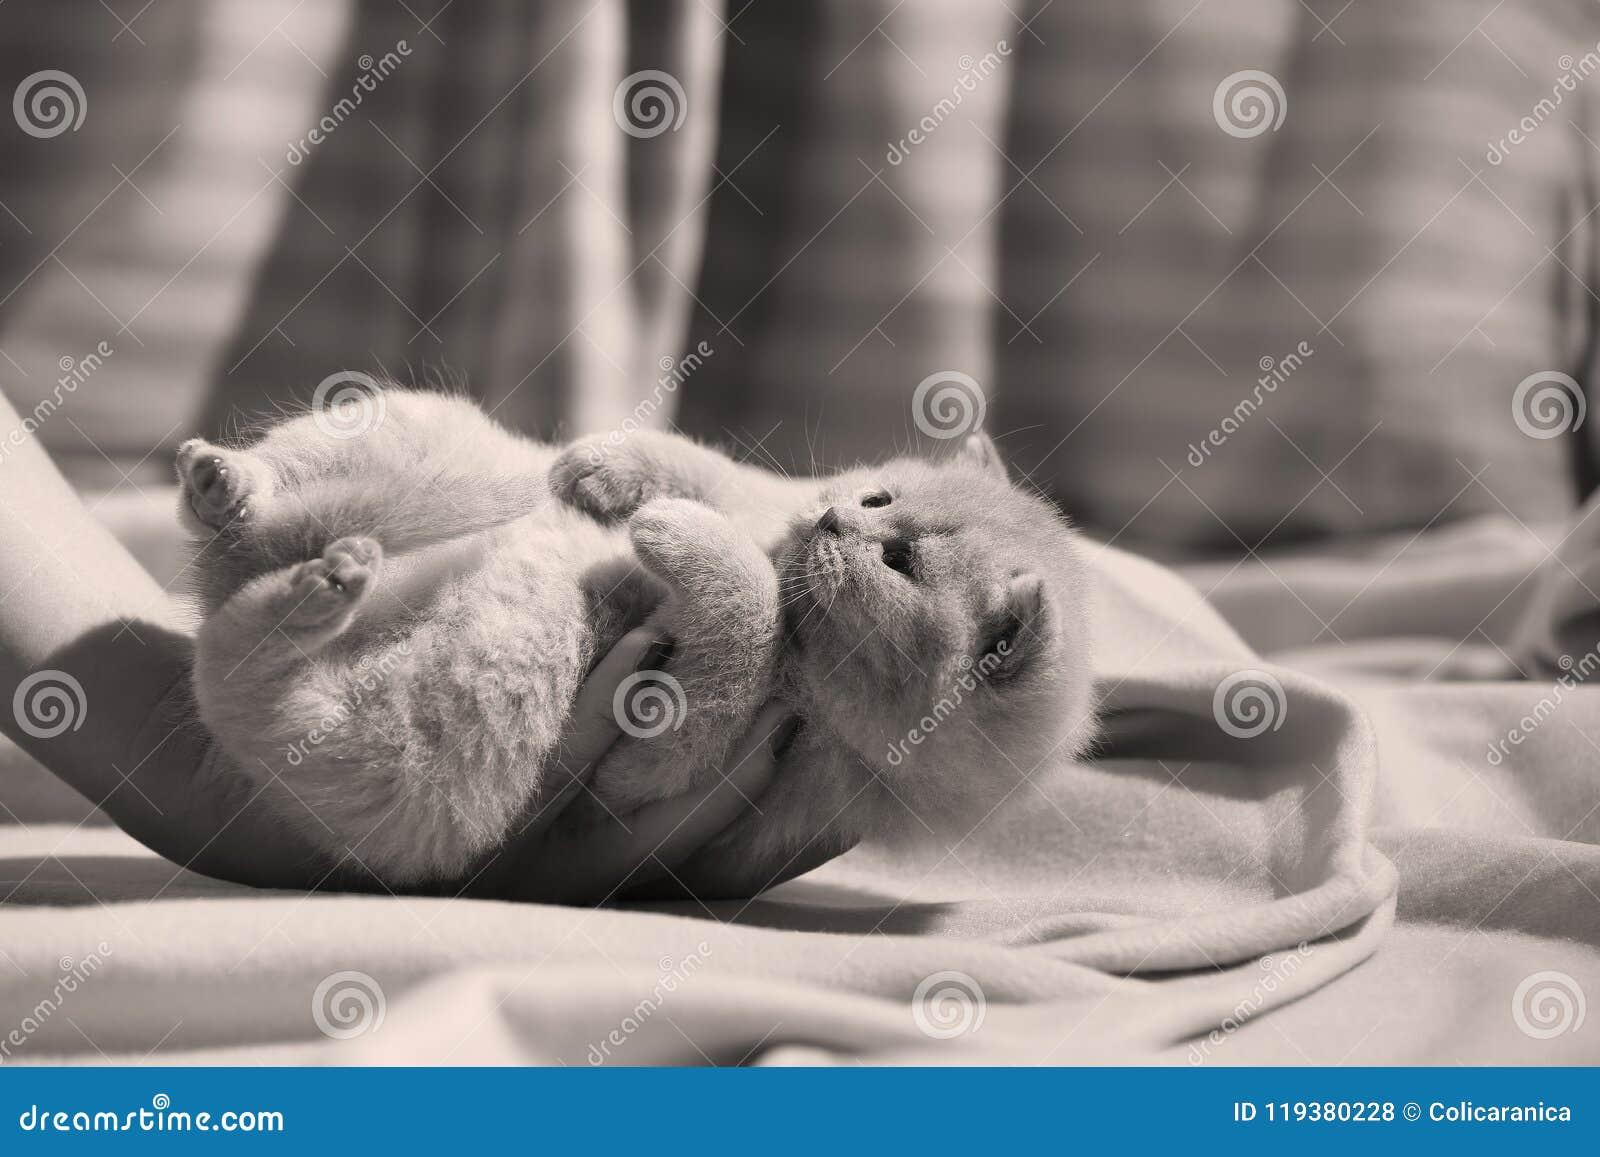 British Shorthair Kitten Sitting, Portrait, Paws Up